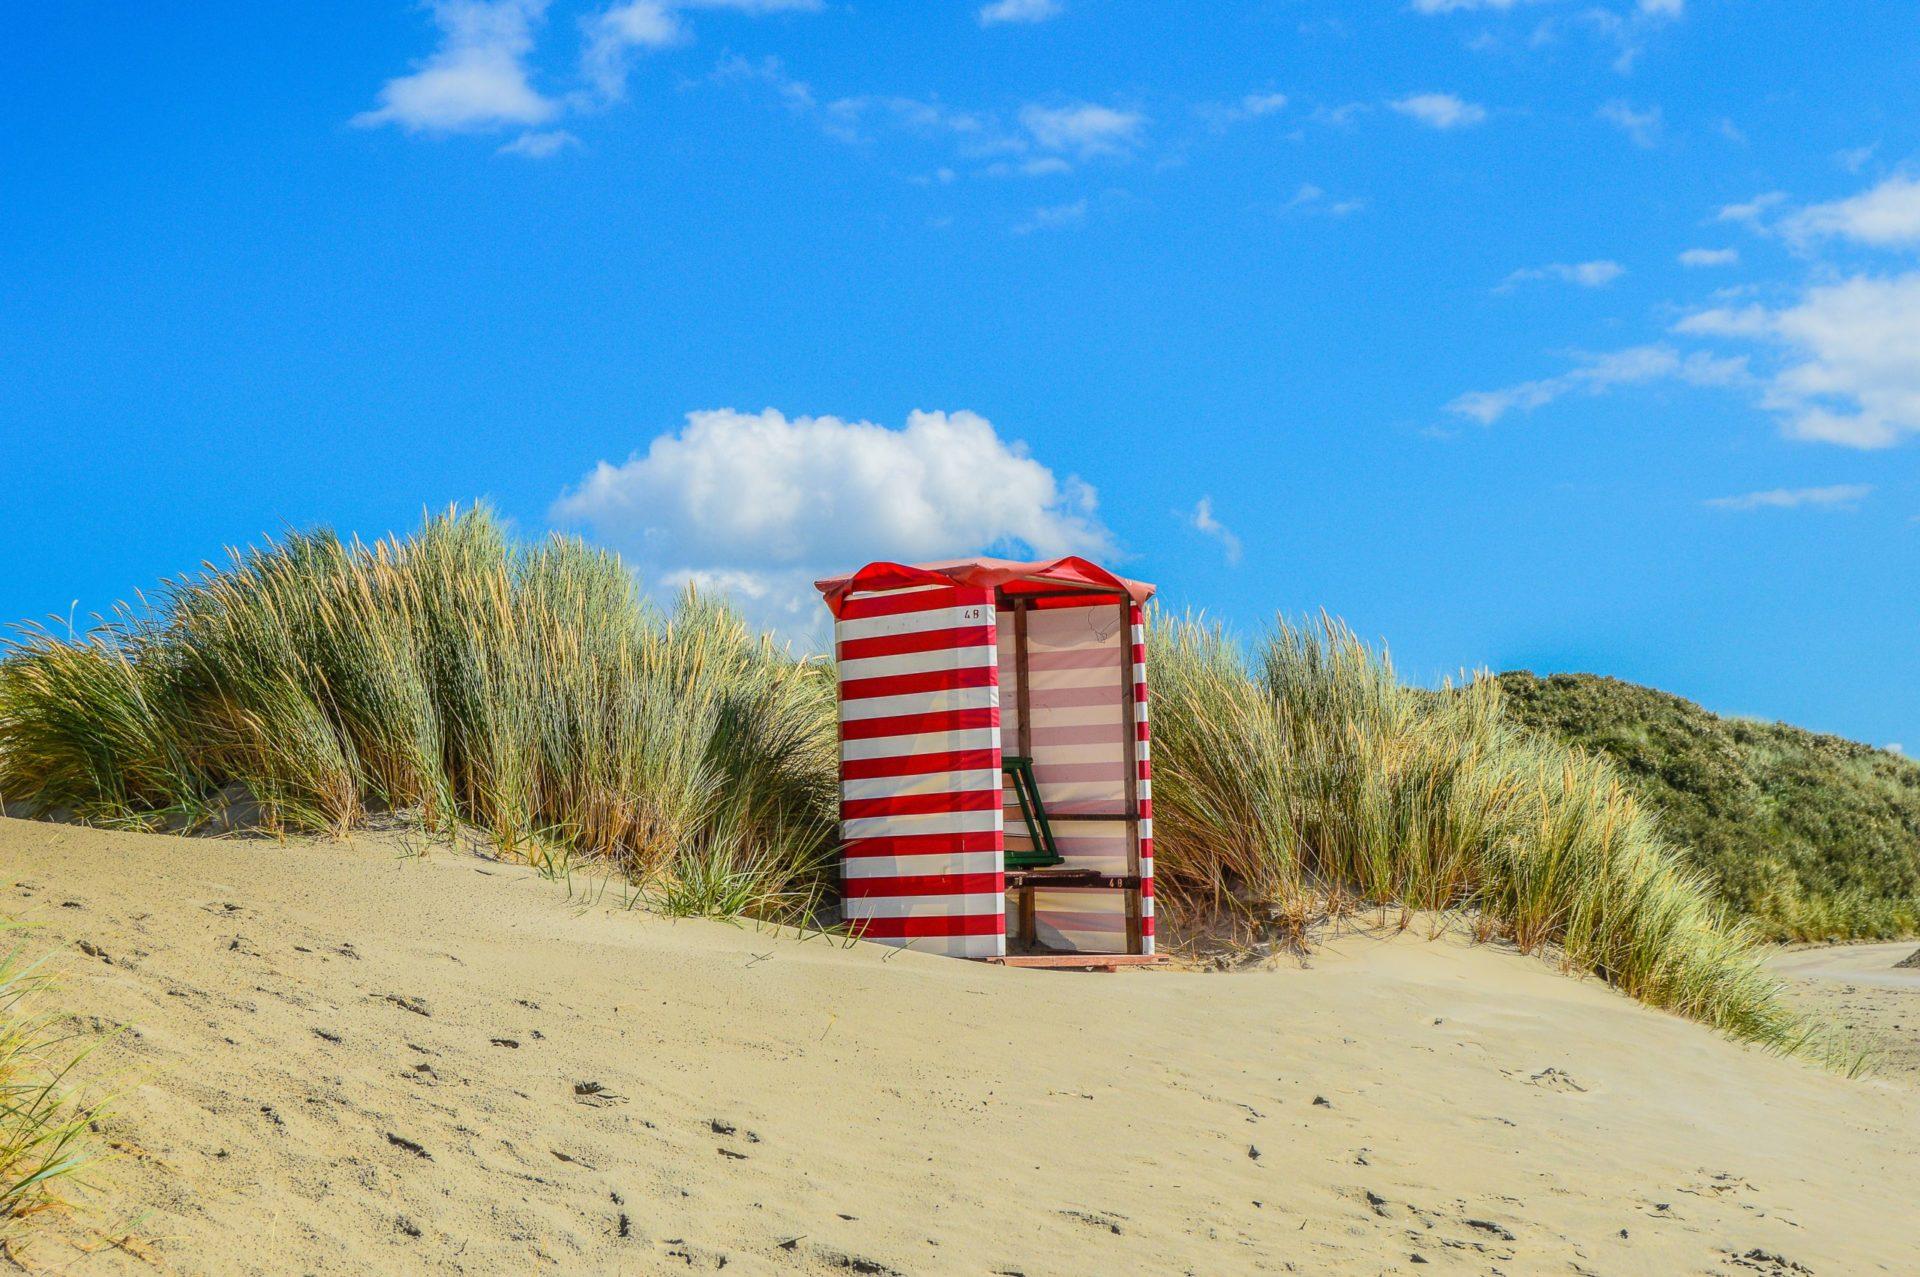 Wassertemperatur Borkum: Roter Strandkorb auf Sanddüne mit Gras unter blauem Himmel auf Borkum